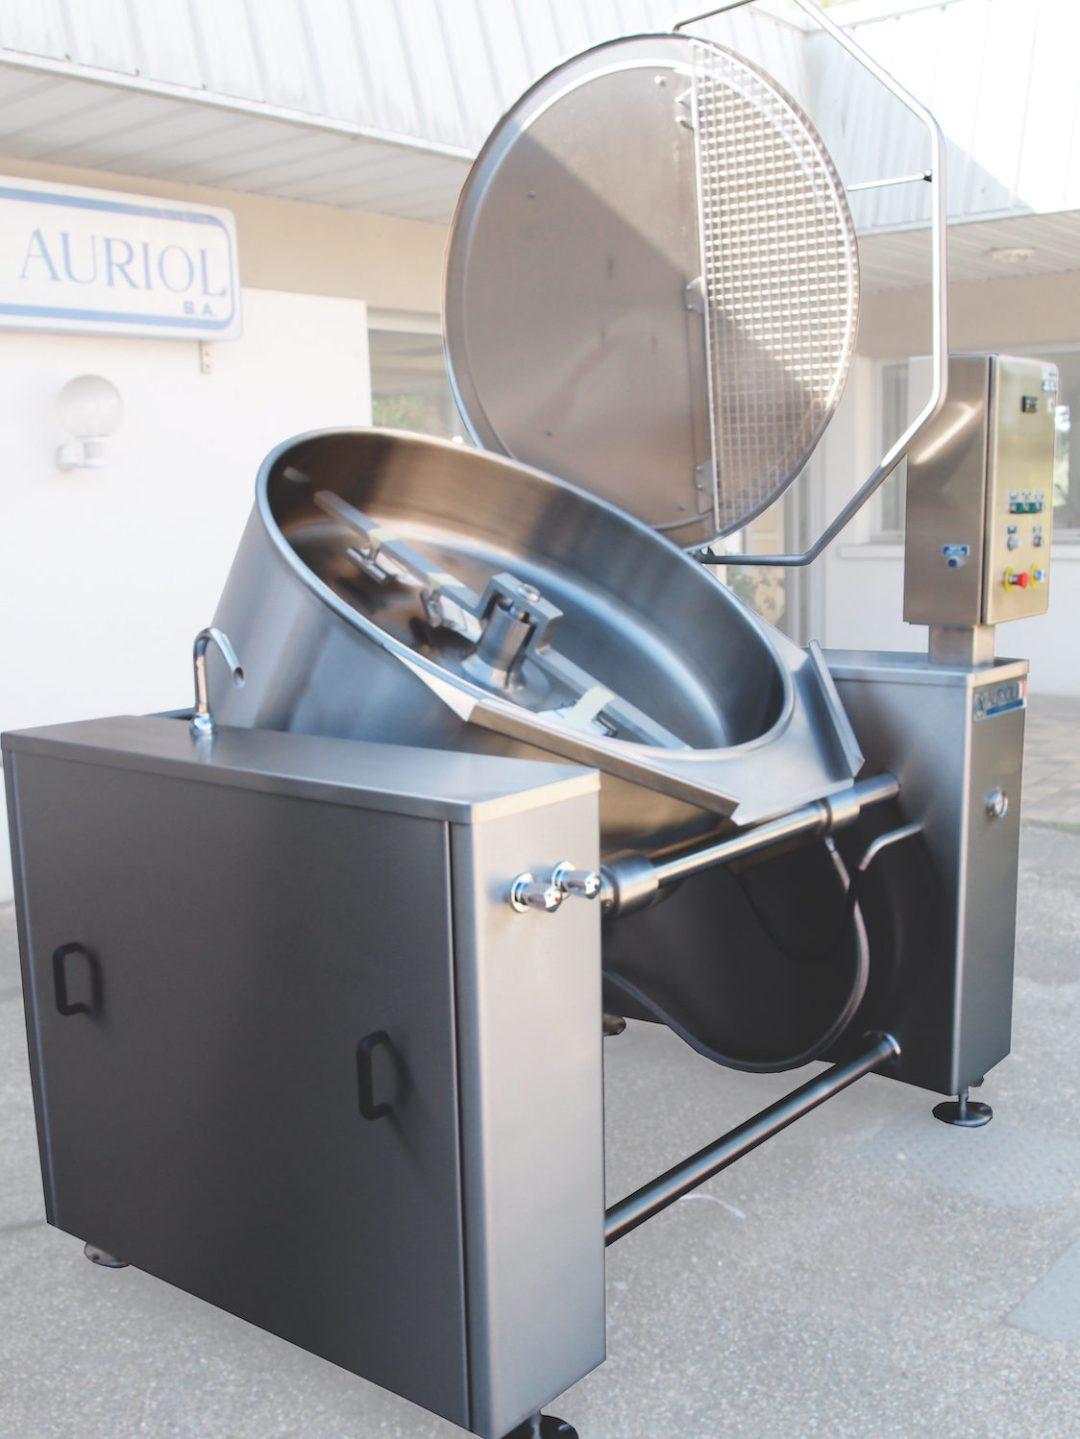 Sauteuse ronde industrielle réalisée par Auriol SA